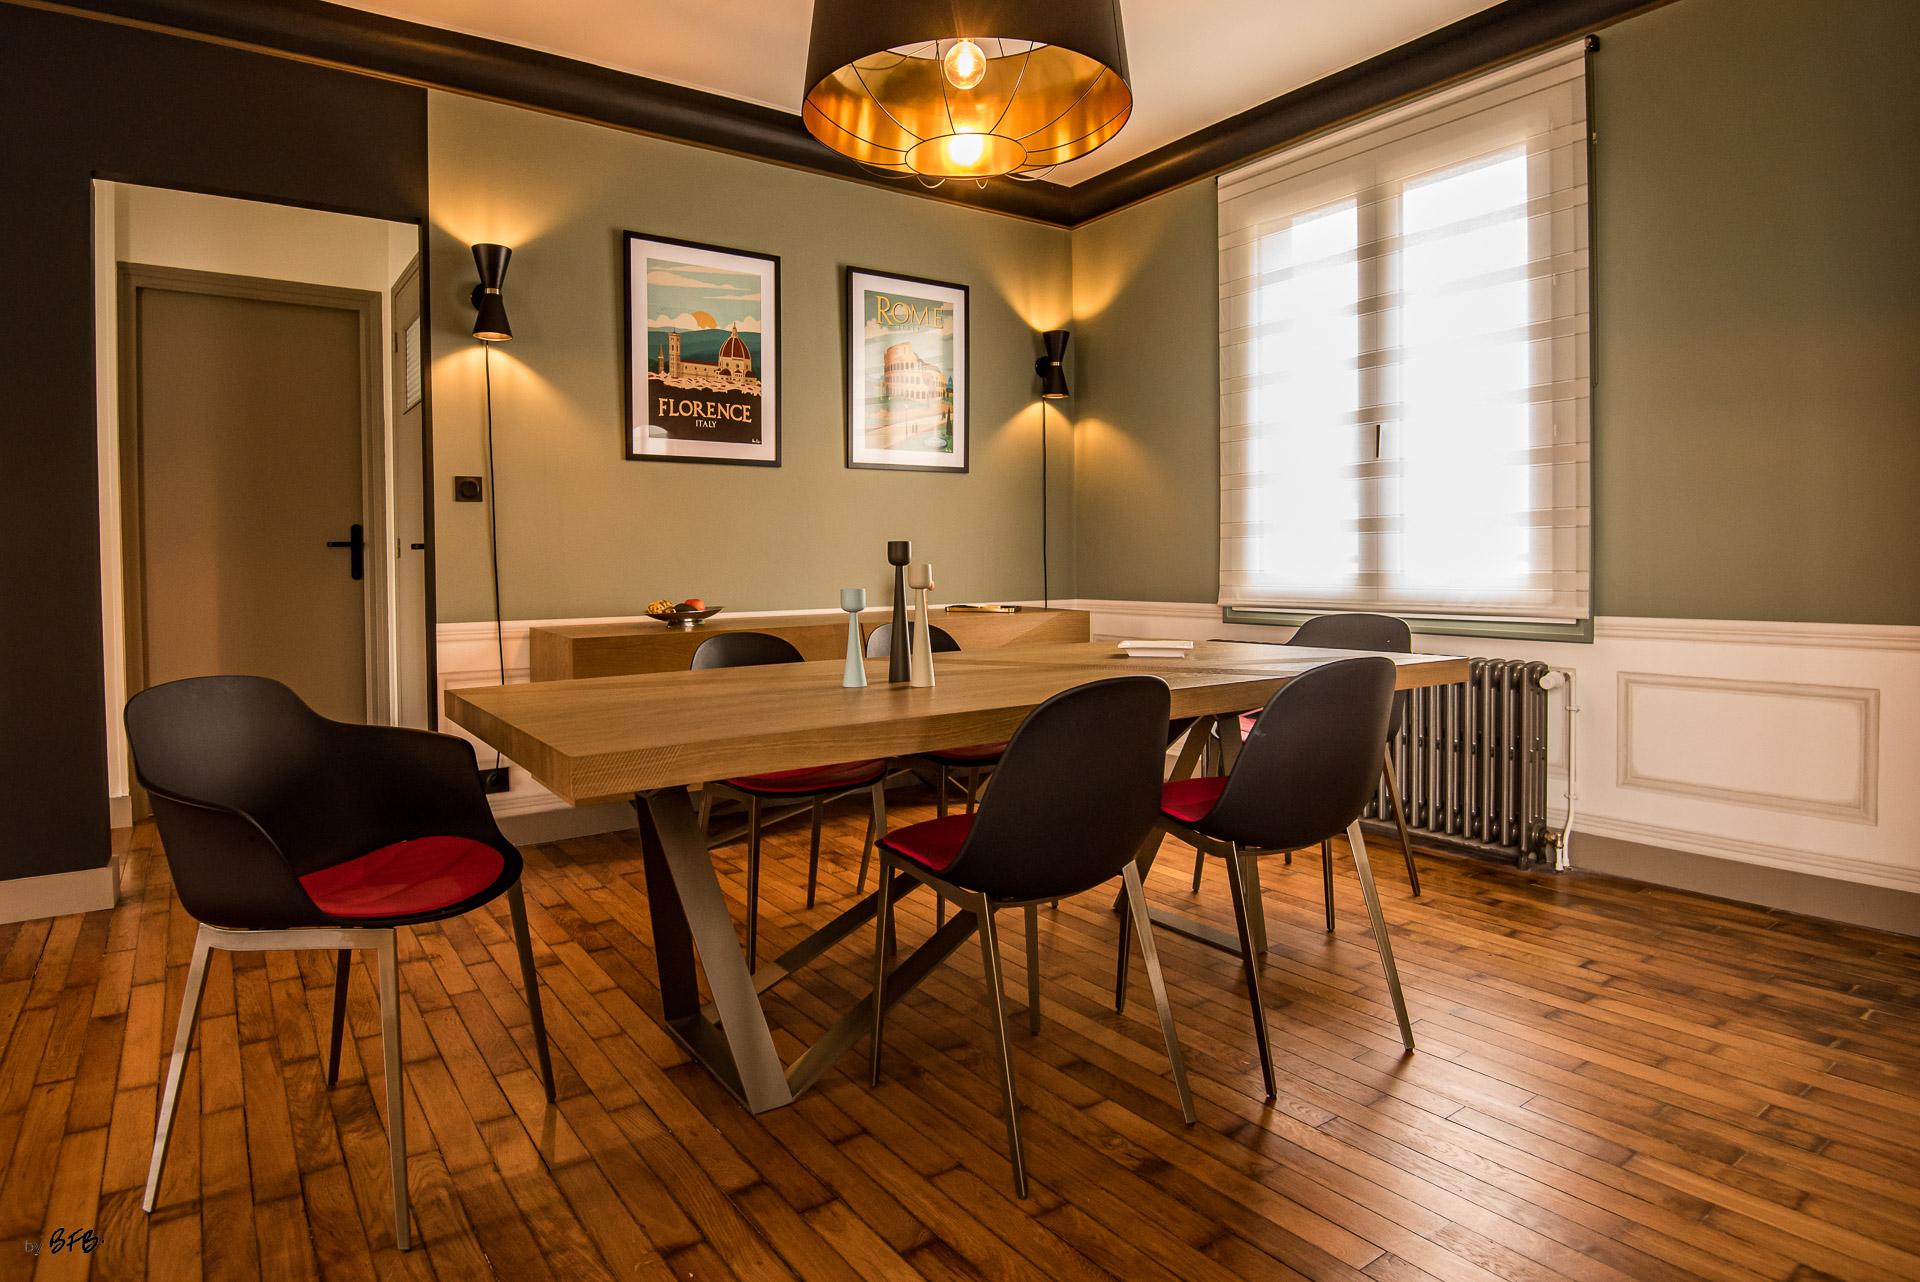 Création ambiance, rénovation, extension, maison à Brest, by Agence BFB Morbihan & Ile de Ré, ambiance Art-Déco, noir, vert et matières nobles